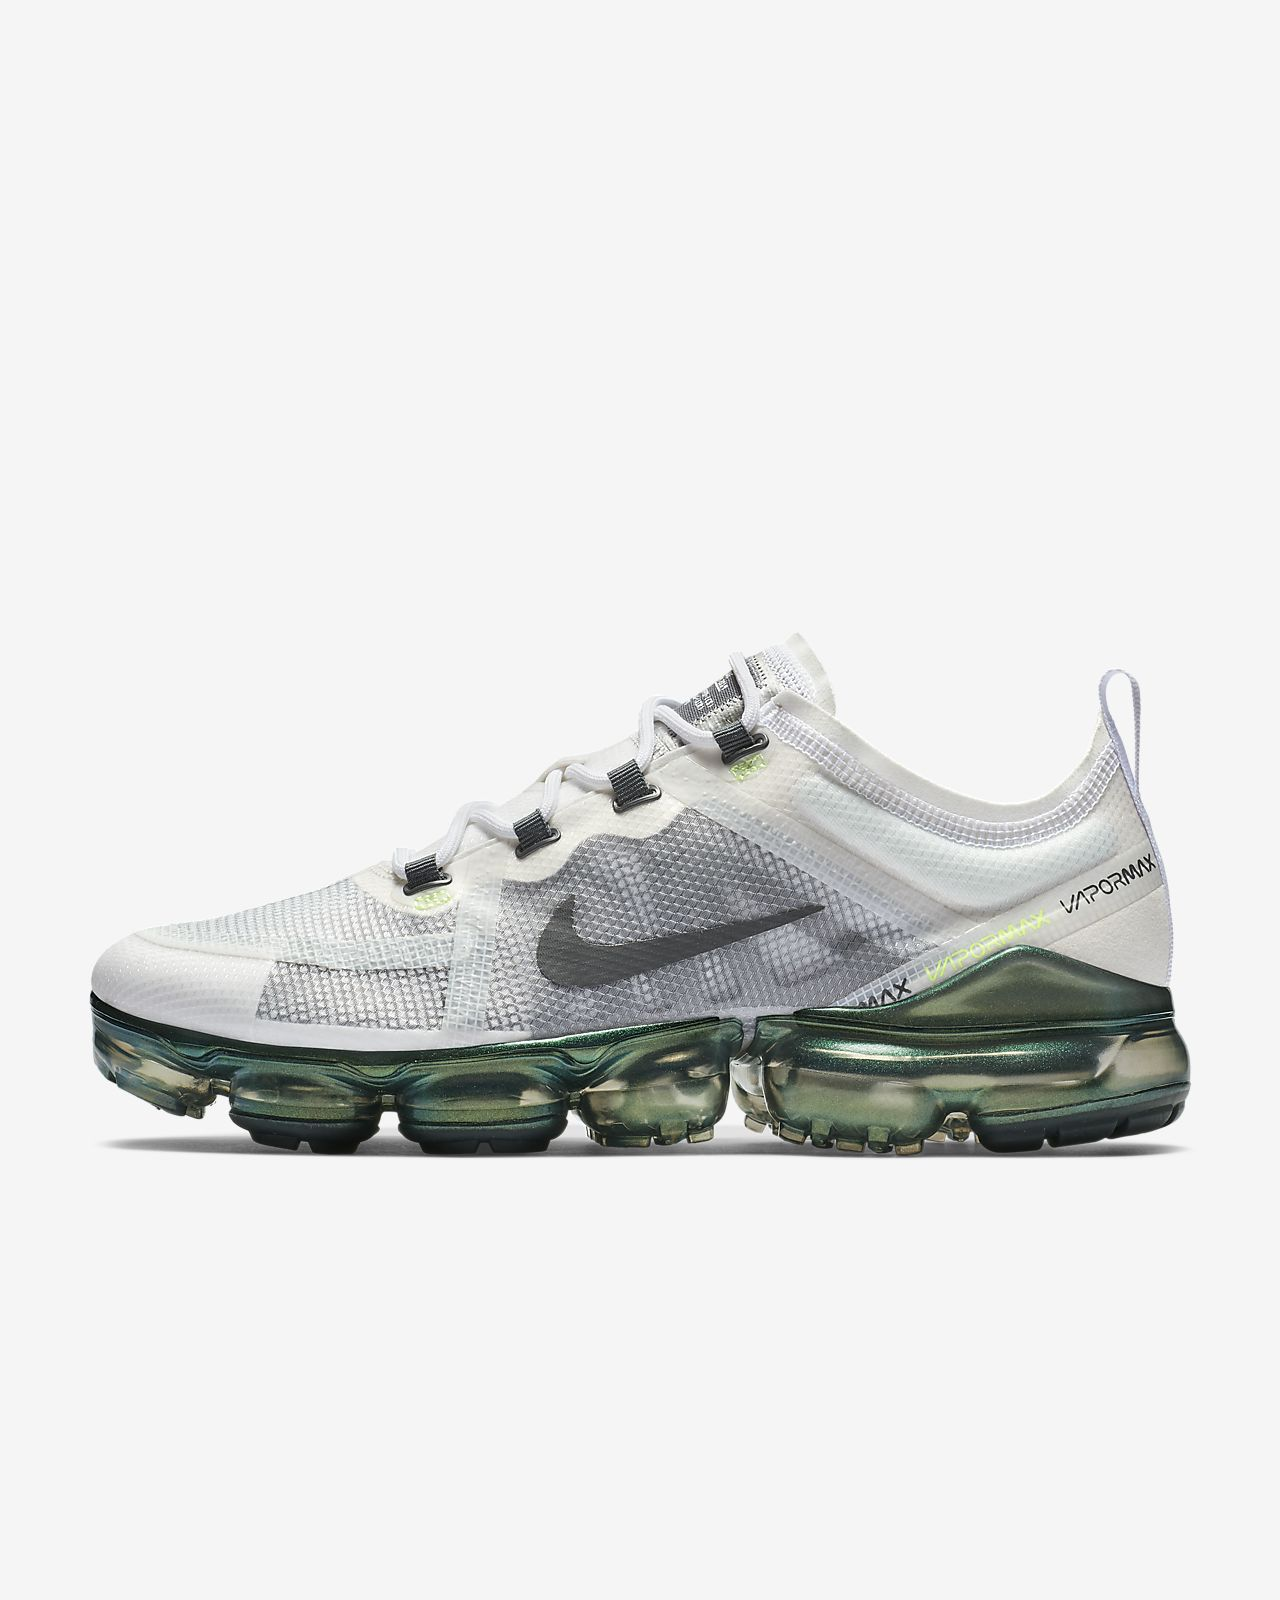 Παπούτσι Nike Air VaporMax 2019 Premium. Nike.com GR e17bf2a6aa6